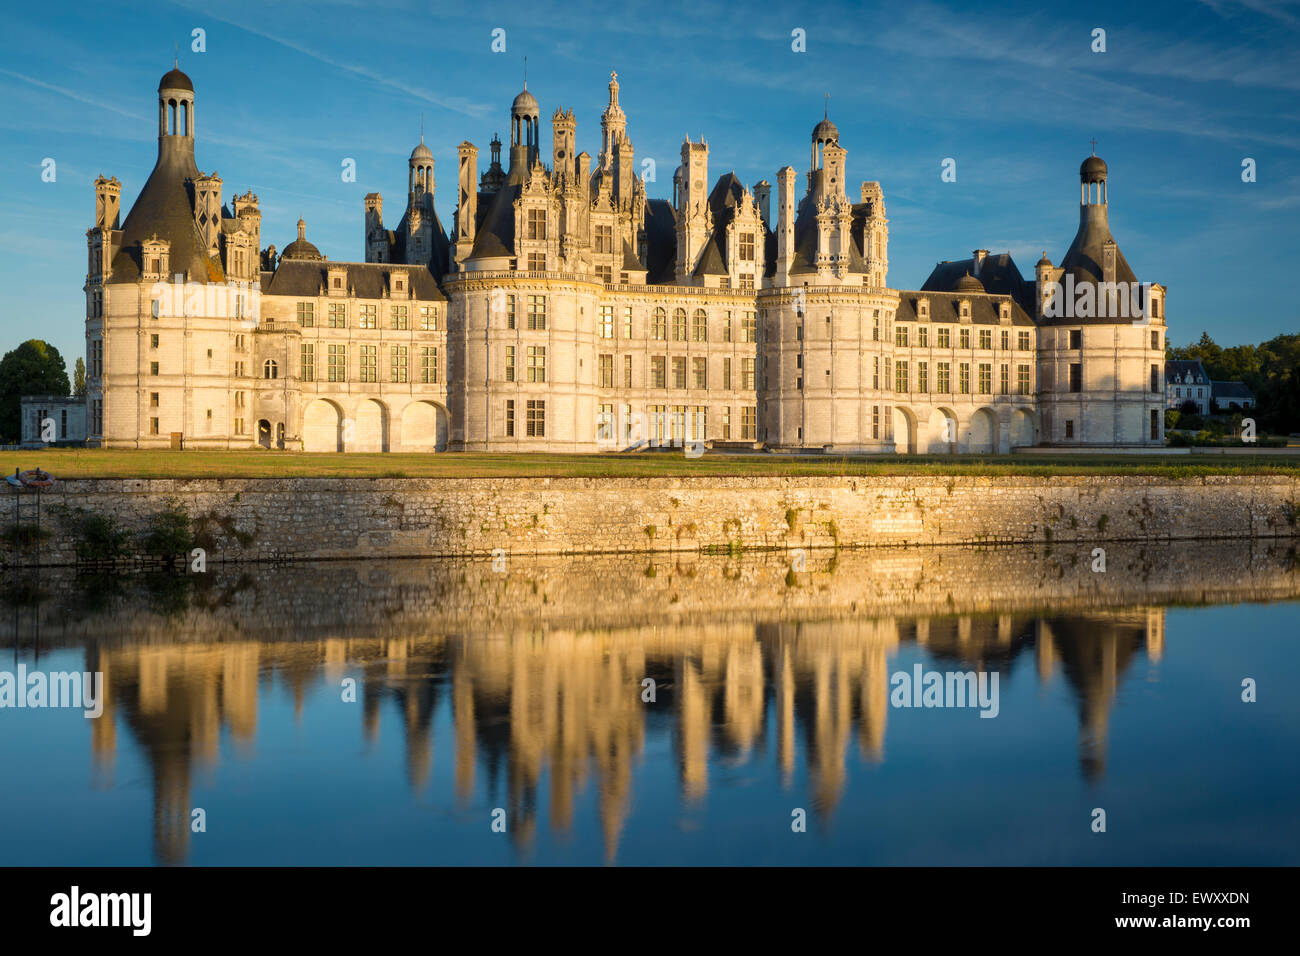 Coucher de soleil sur le massif, 440 prix, château de Chambord, loire-et-cher, france Photo Stock